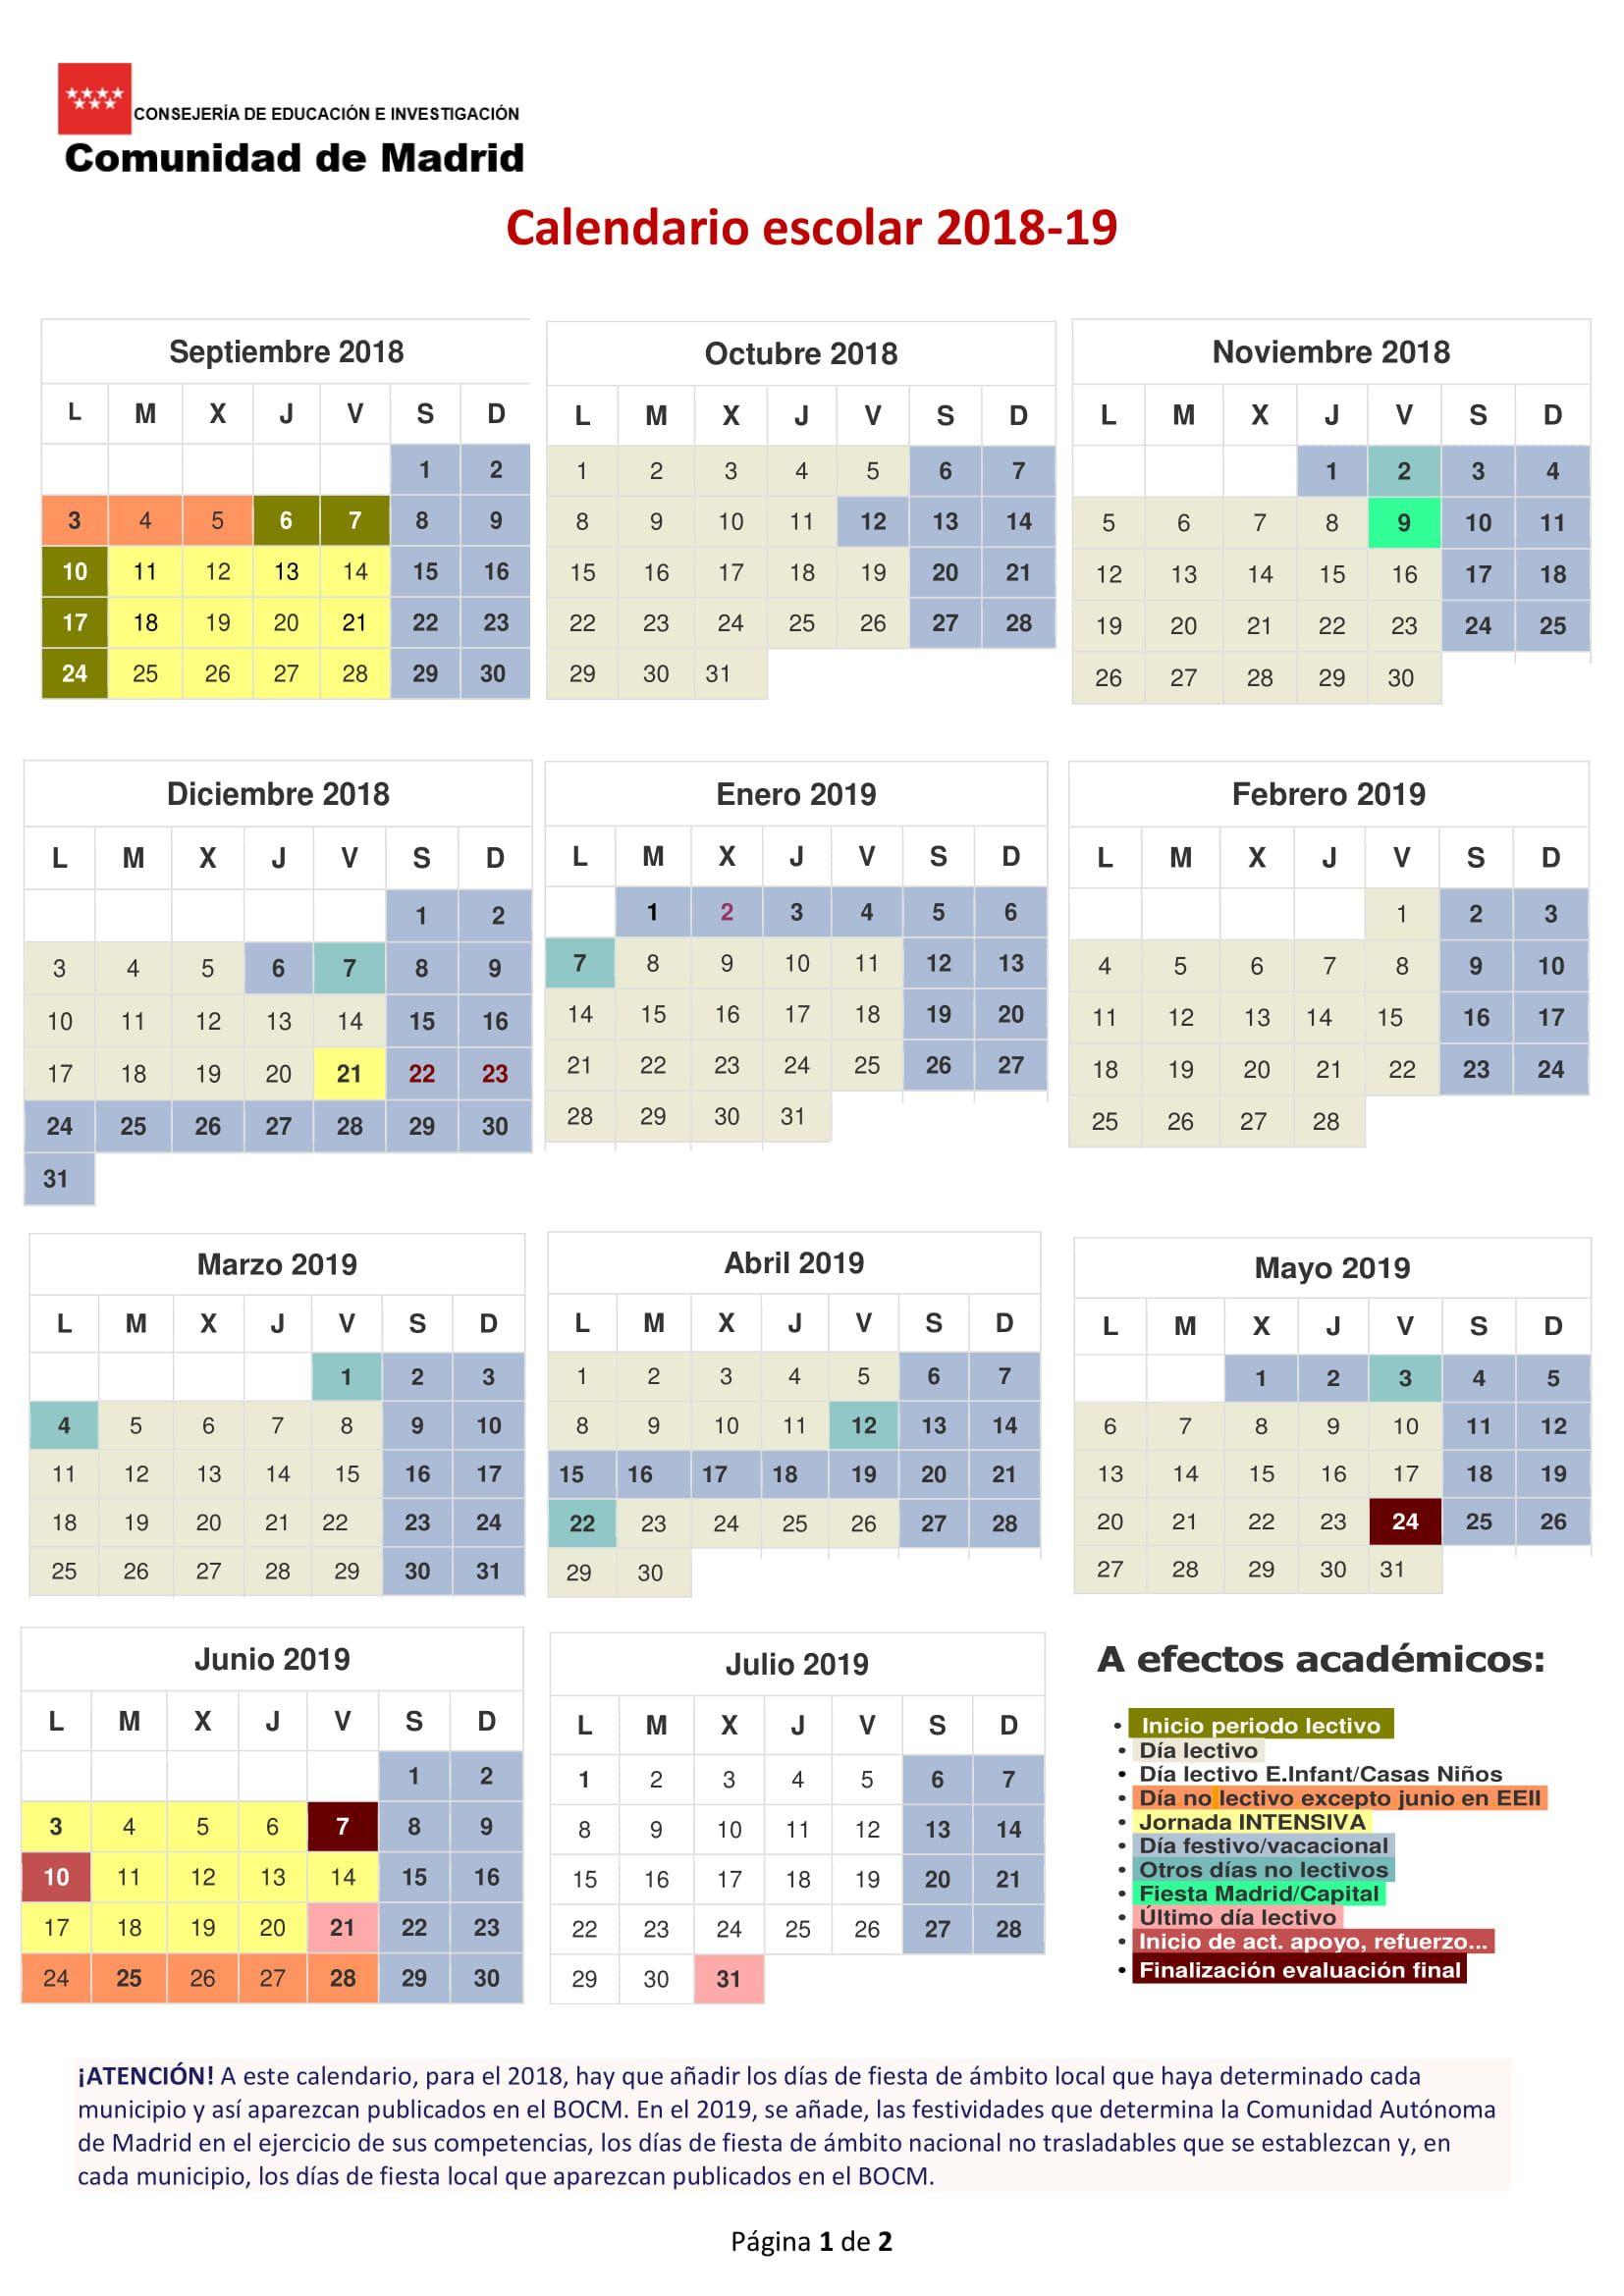 Calendario 2020 Mexico Con Dias Festivos Para Imprimir.Calendario Escolar 2018 2019 En Madrid Vacaciones Y Dias